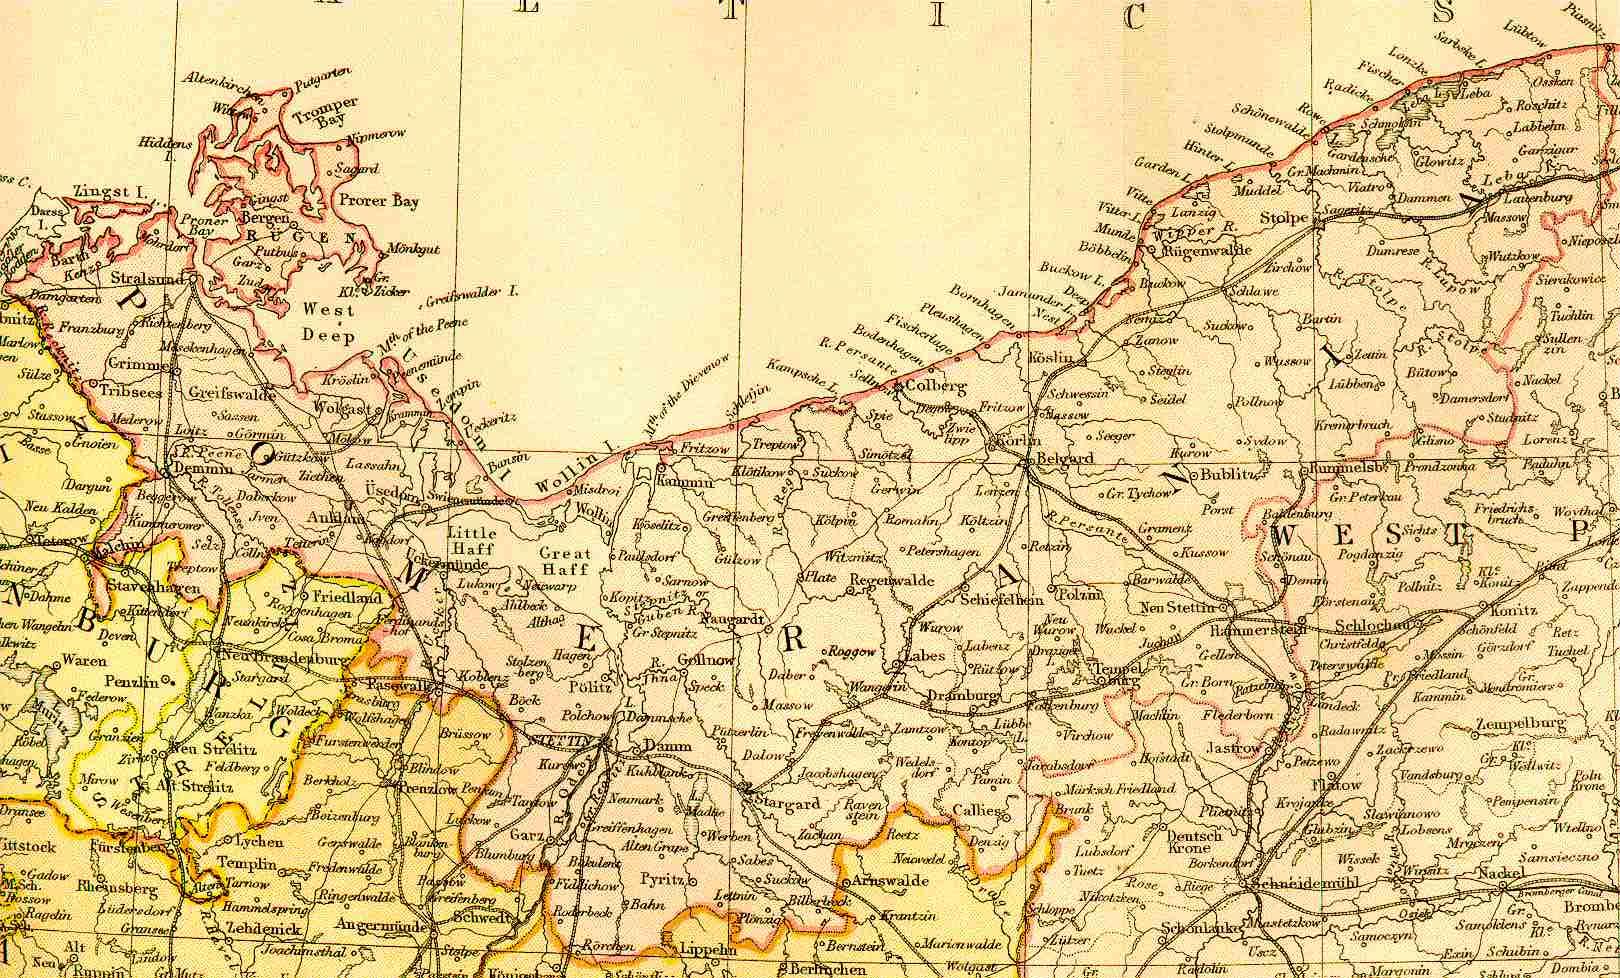 Pommern Karte Vor 1945.Historische Landkarten